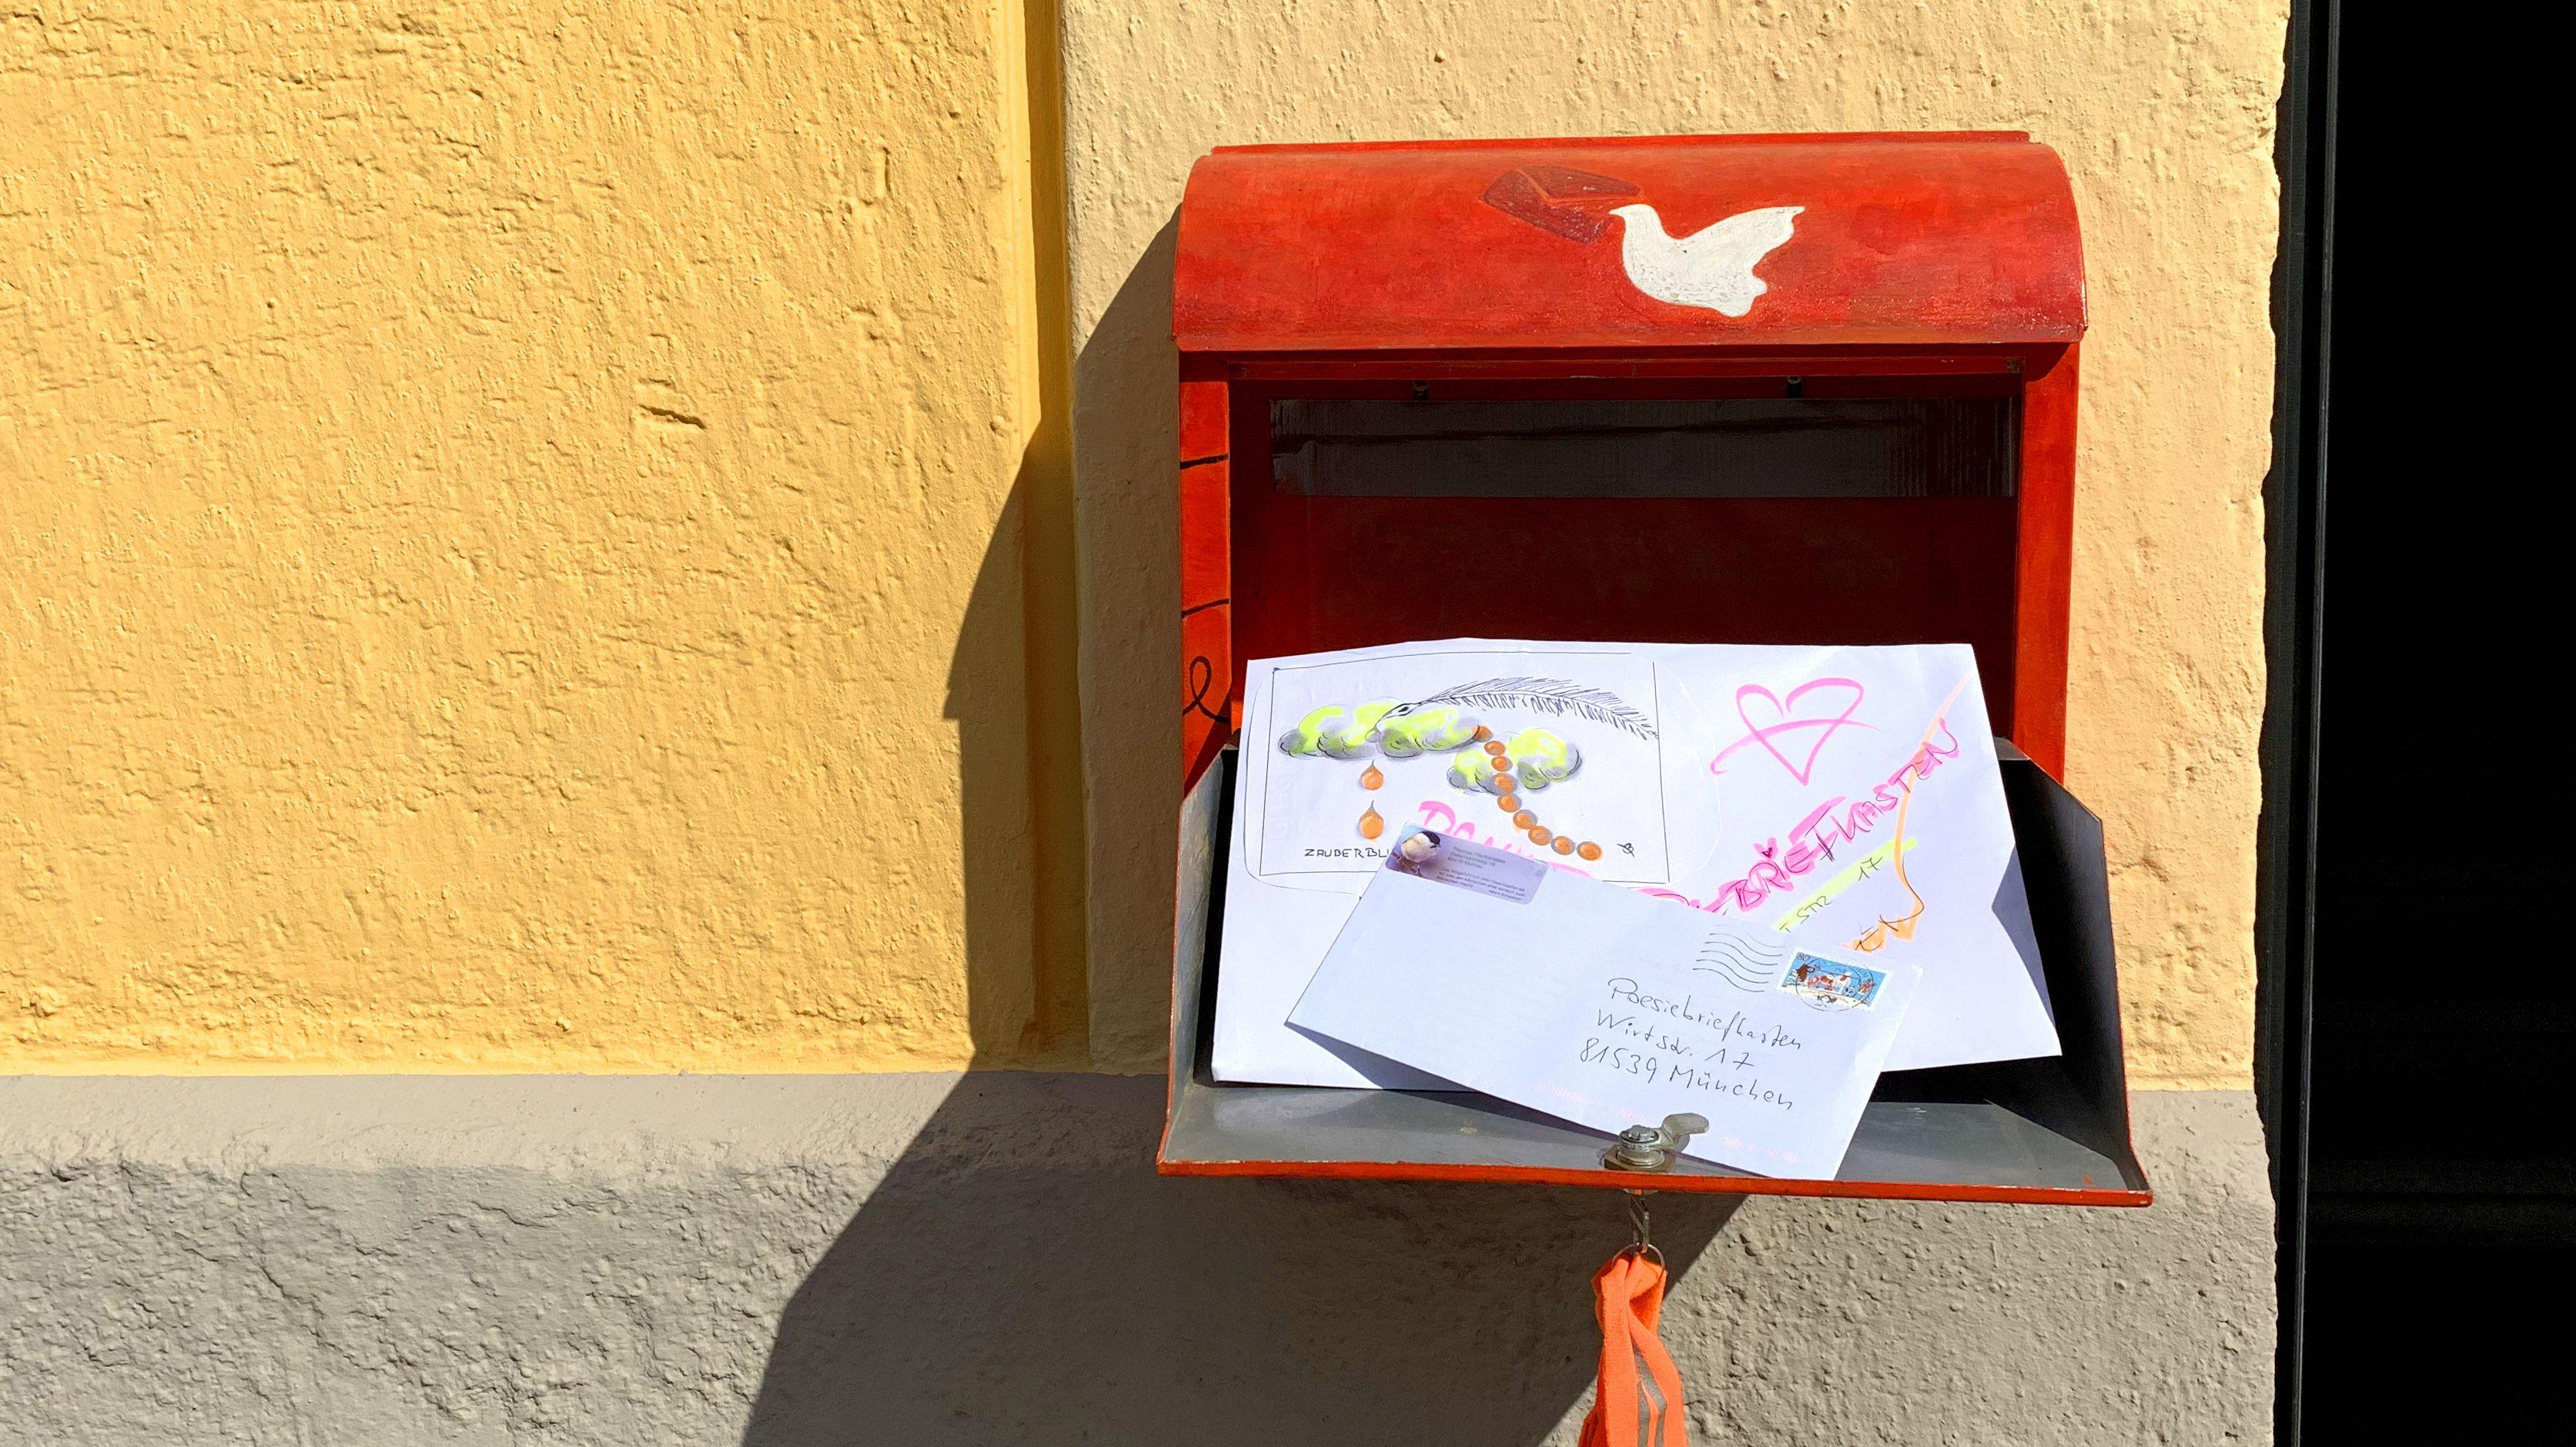 Der Poesiebriefkasten in München-Giesing nimmt Virus-Gedichte entgegen.